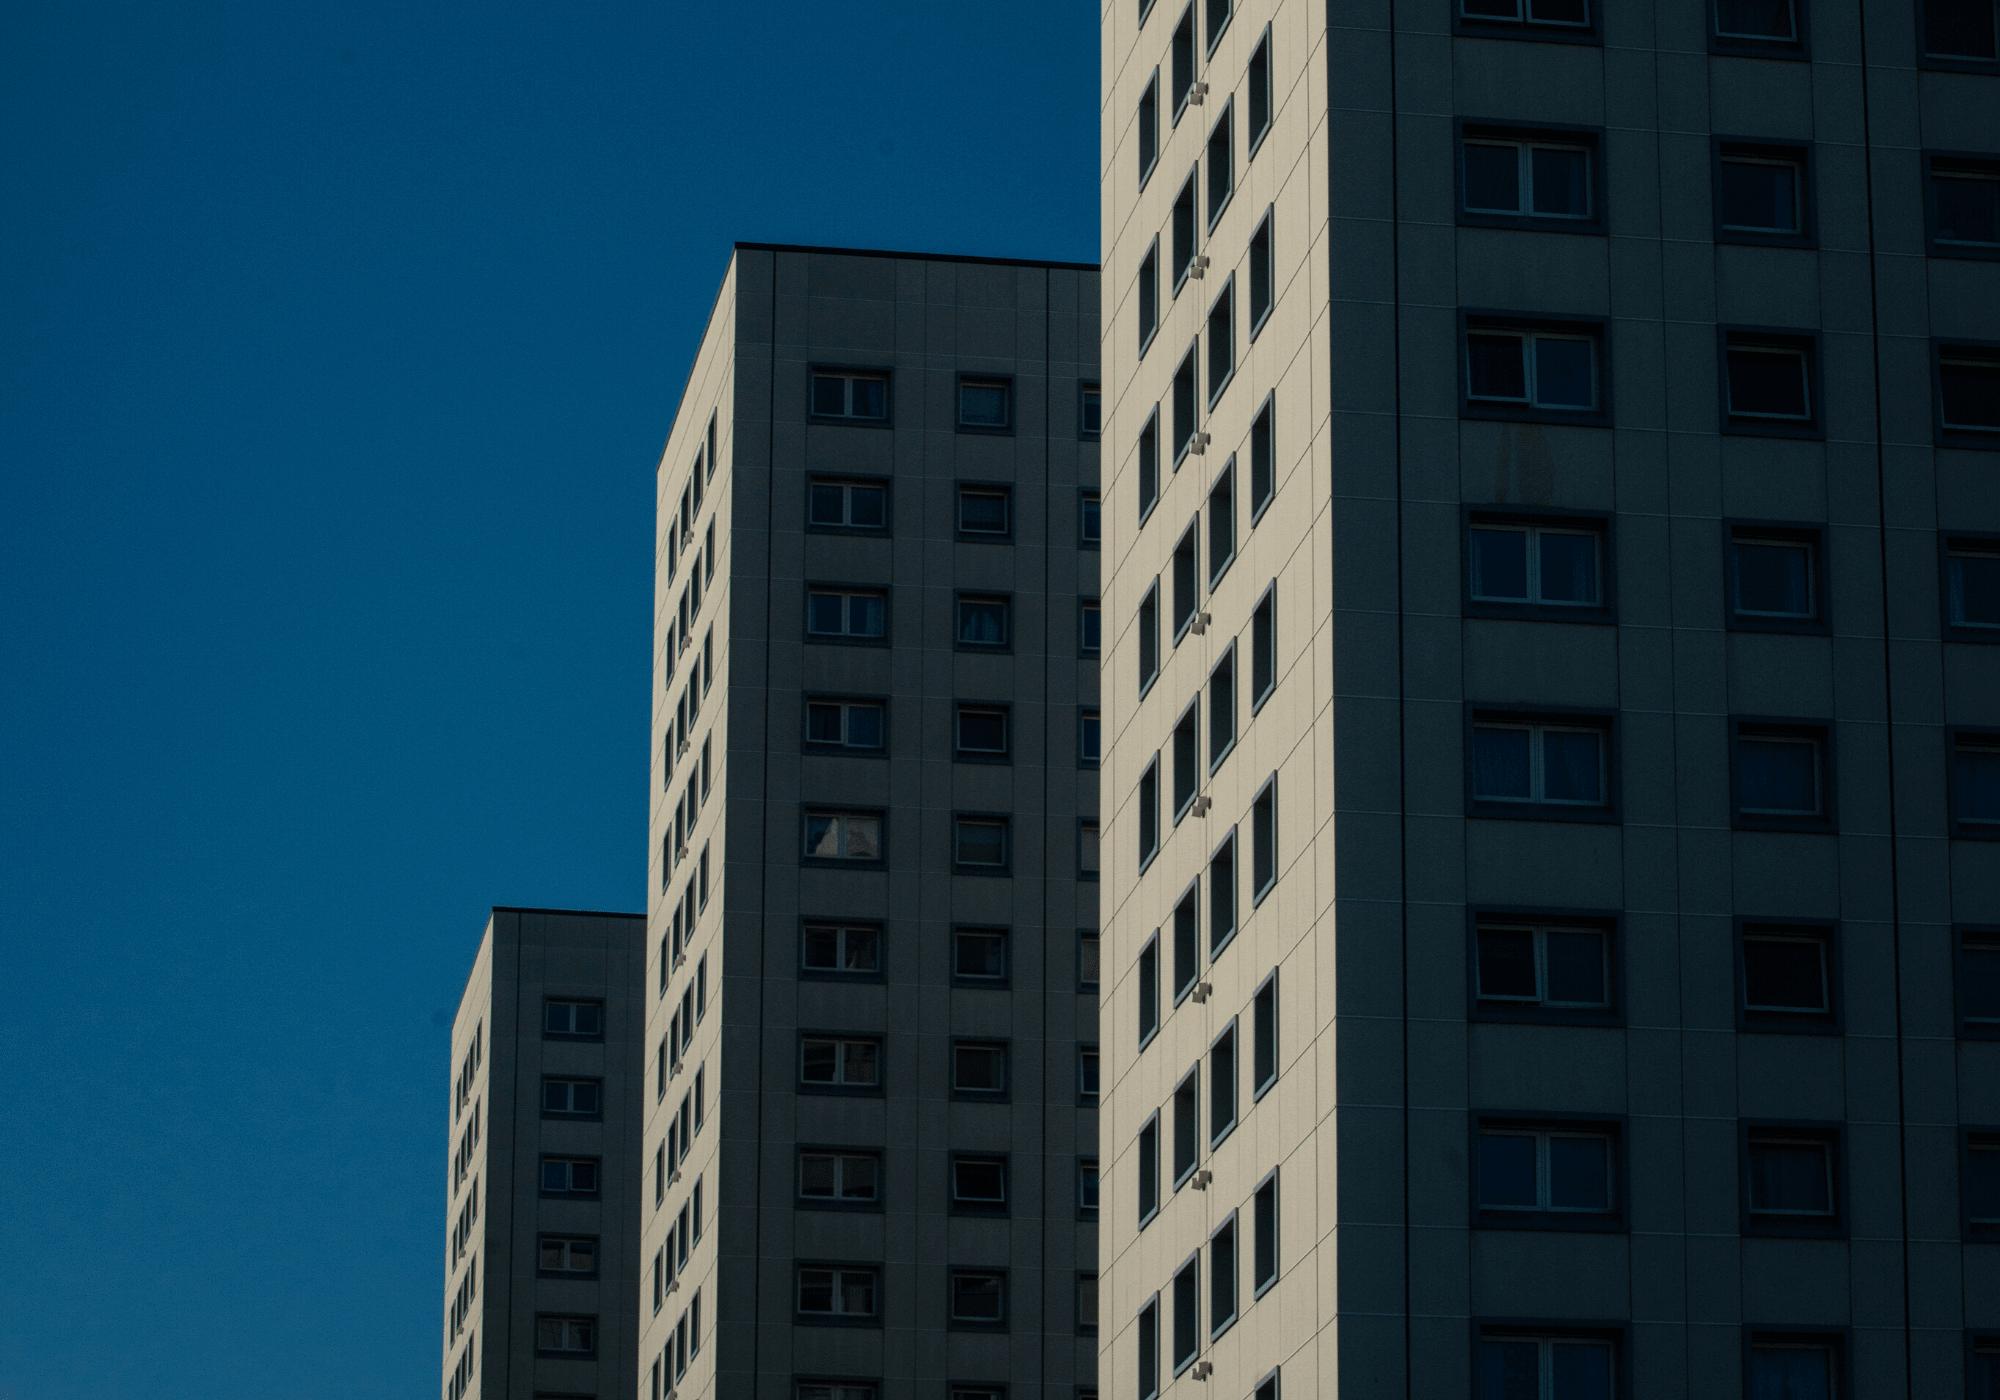 Aberdeen multi-storey flats